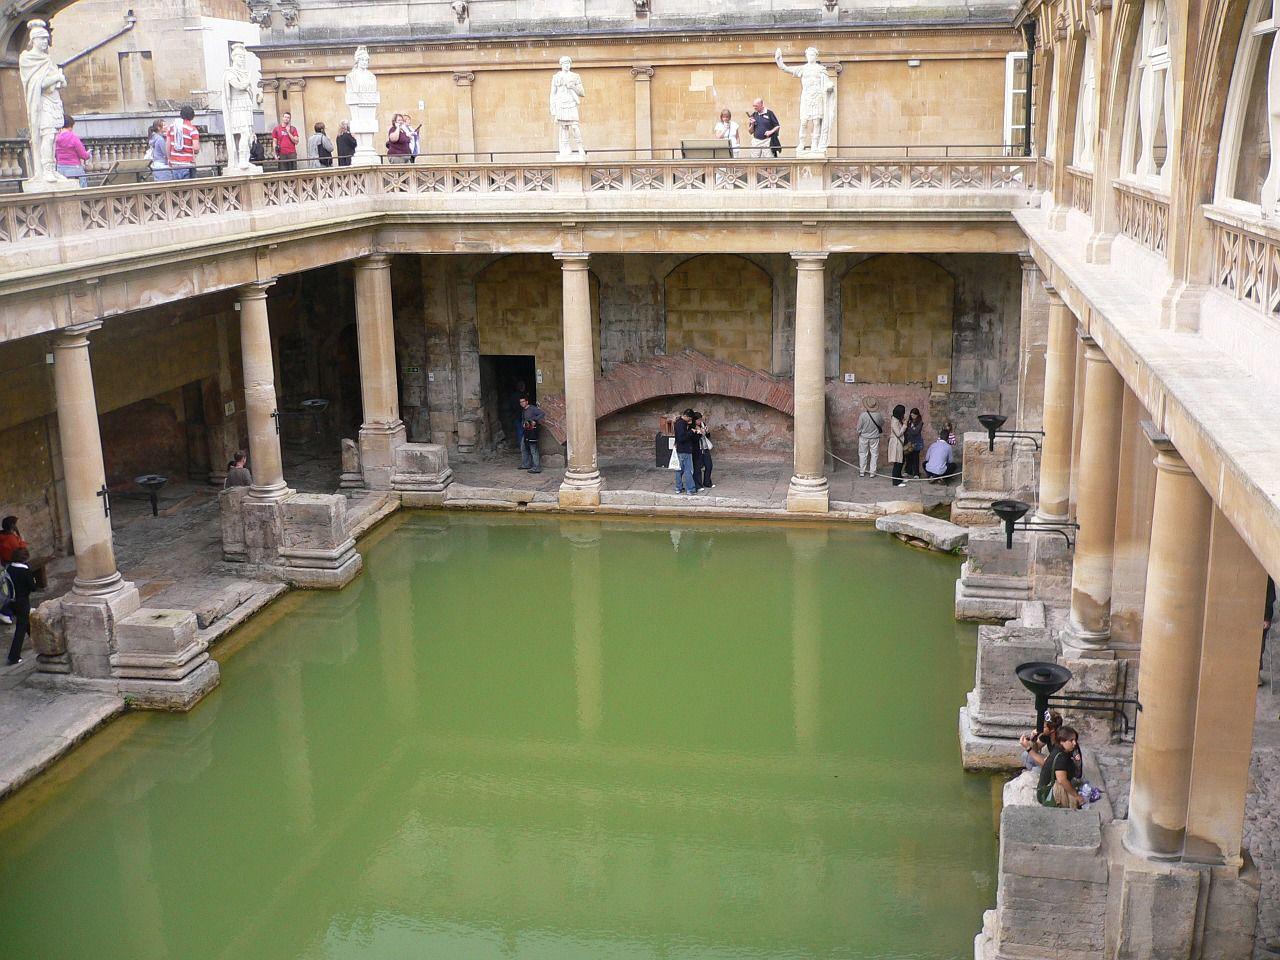 ローマ浴場博物館(ローマン・バス) バース市街  世界遺産オンラインガイド